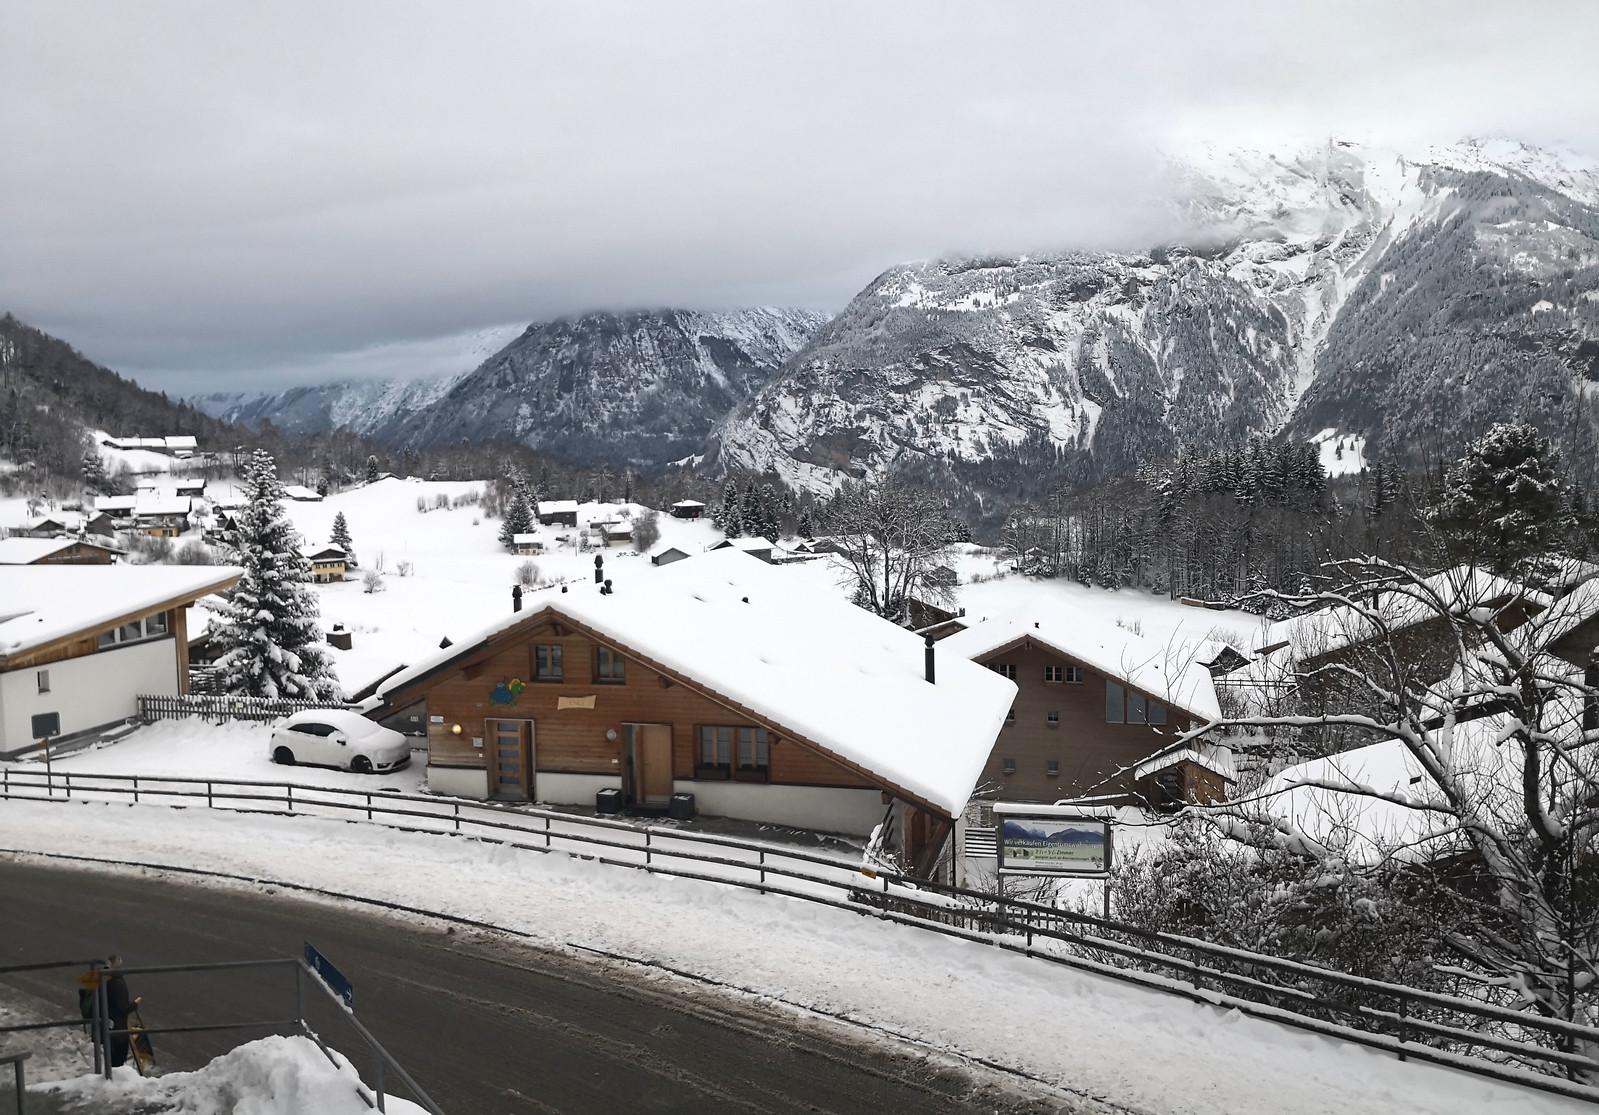 Village of Hasliberg-Reuti